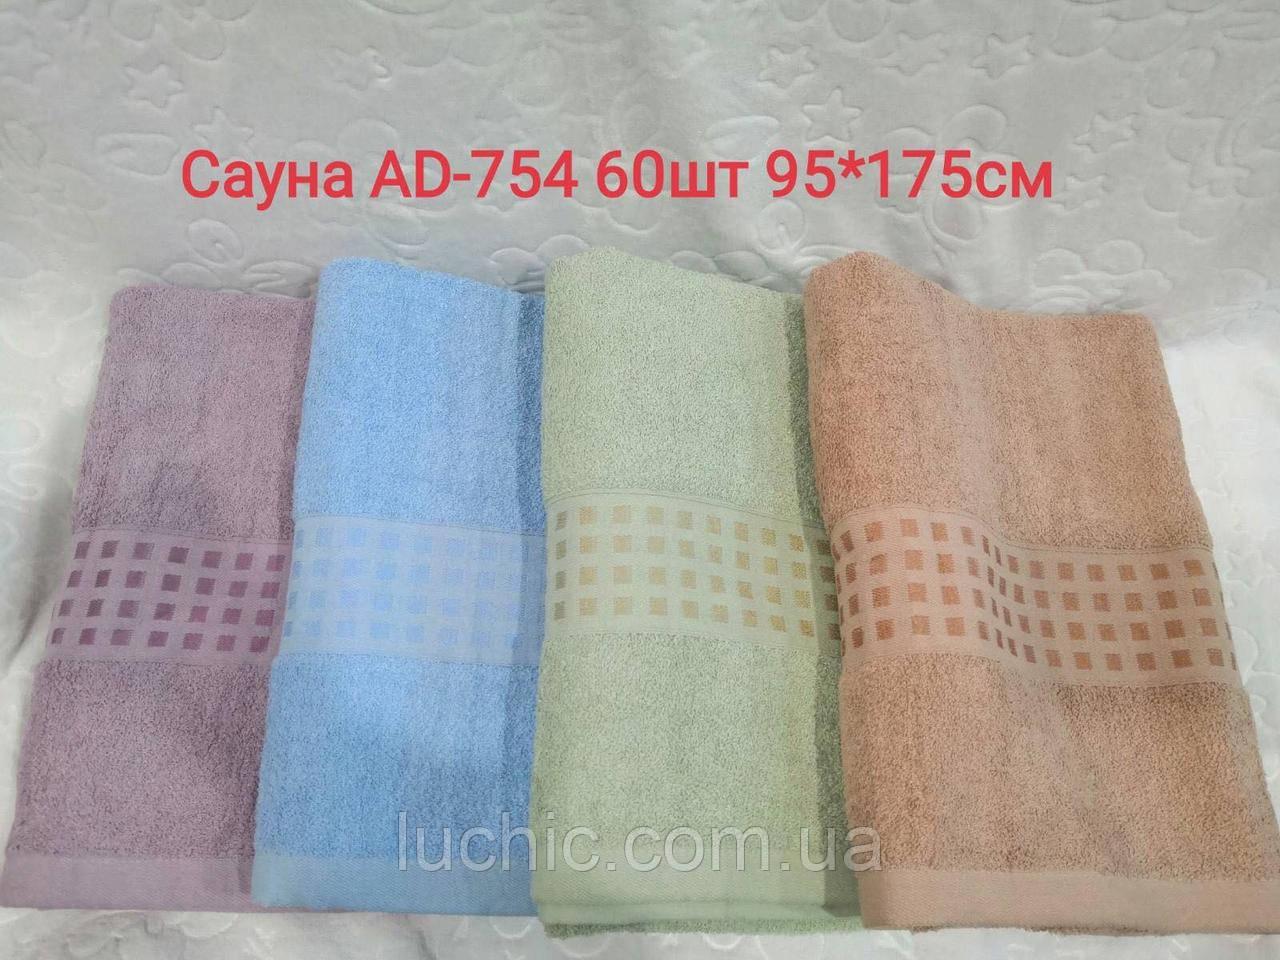 Полотенцн для сауны плотная хорошего качества 90х170